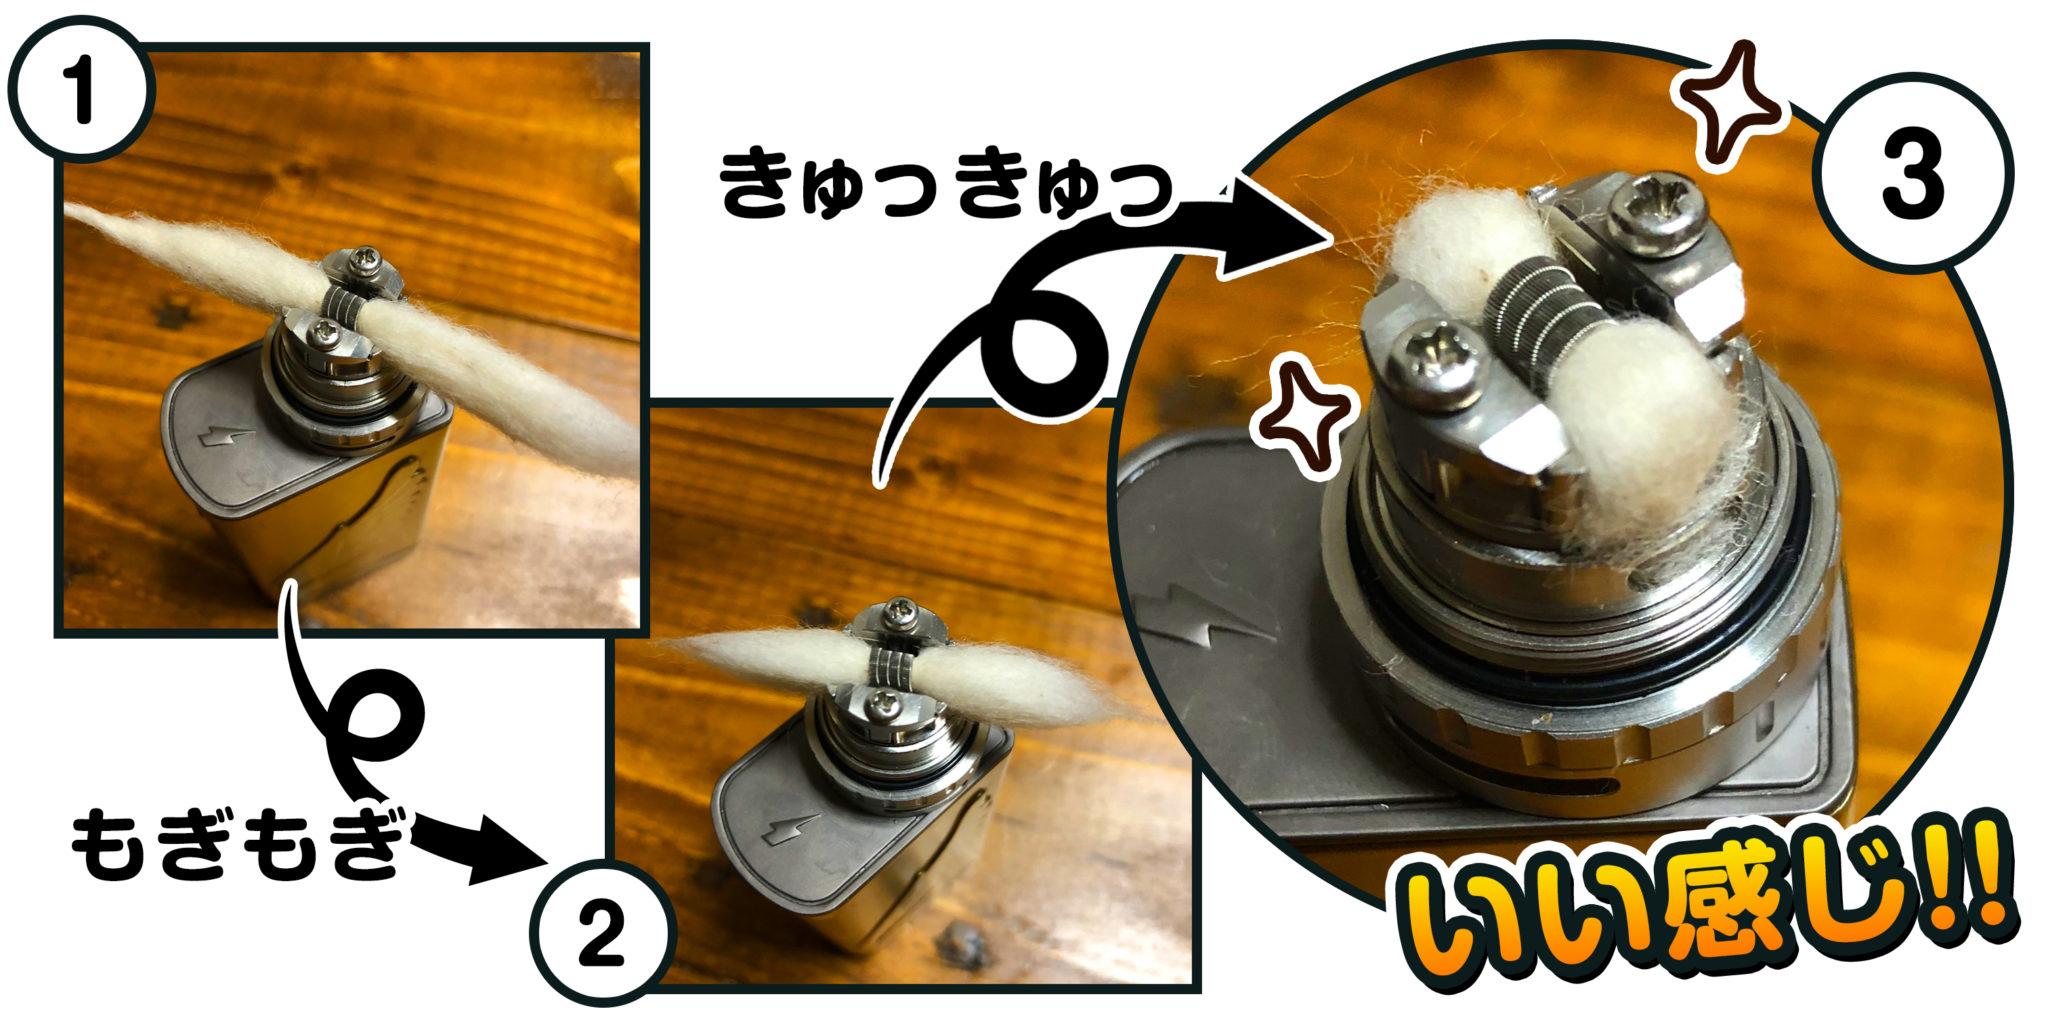 spec3 - 【レビュー】もっちもち!! Kendo Vape Cotton Gold Edition(ケンドーベイプコットンゴールドエディション)でリキッドのポテンシャルMAXに!?